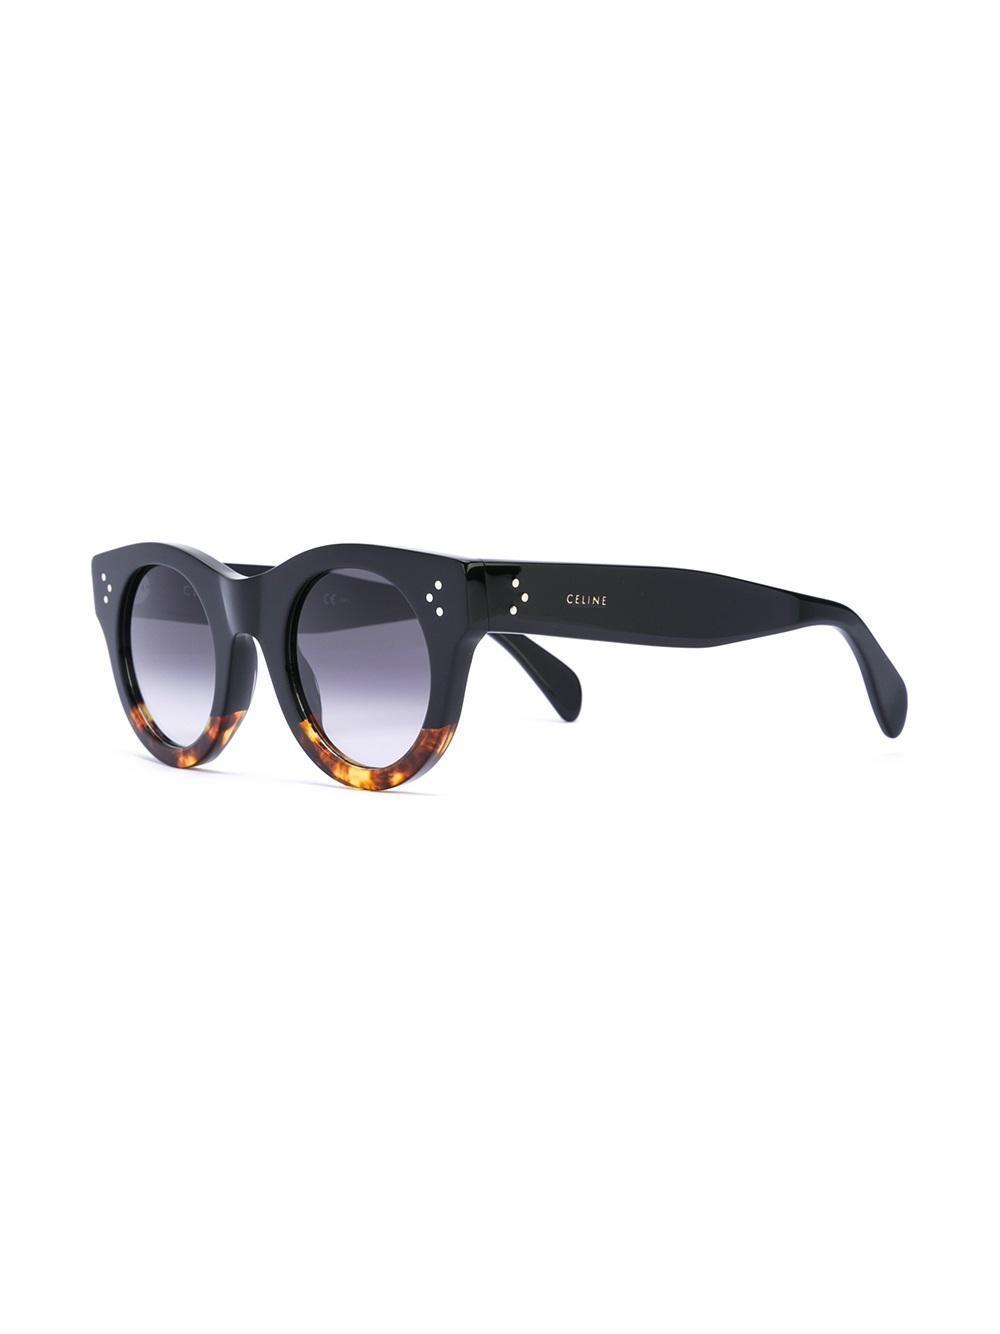 209f42f3c0e75 Céline  alia  Sunglasses in Black - Lyst